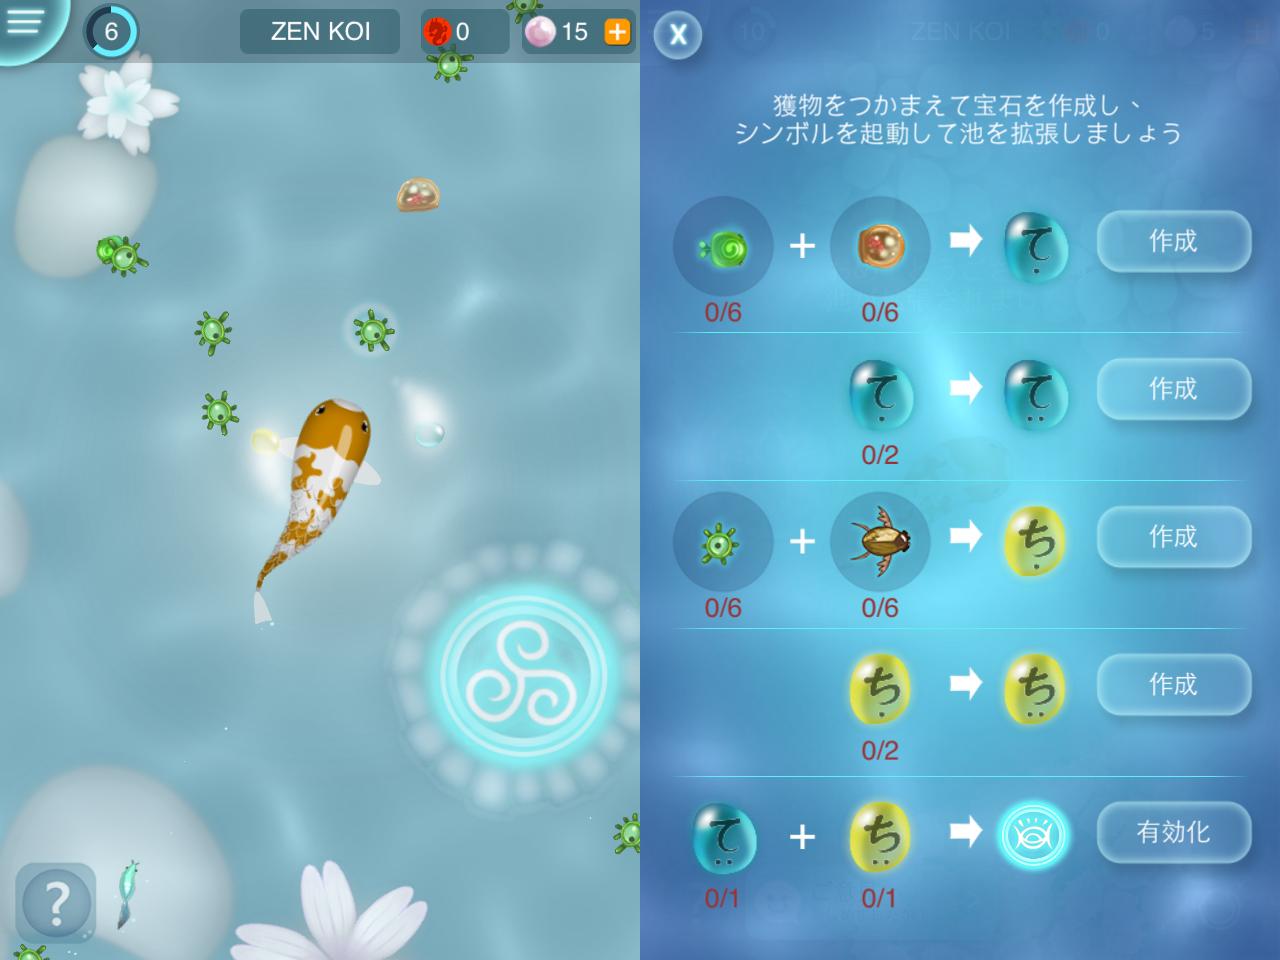 Zen Koi - 禅の鯉 - 静かな水の中の旅 androidアプリスクリーンショット1